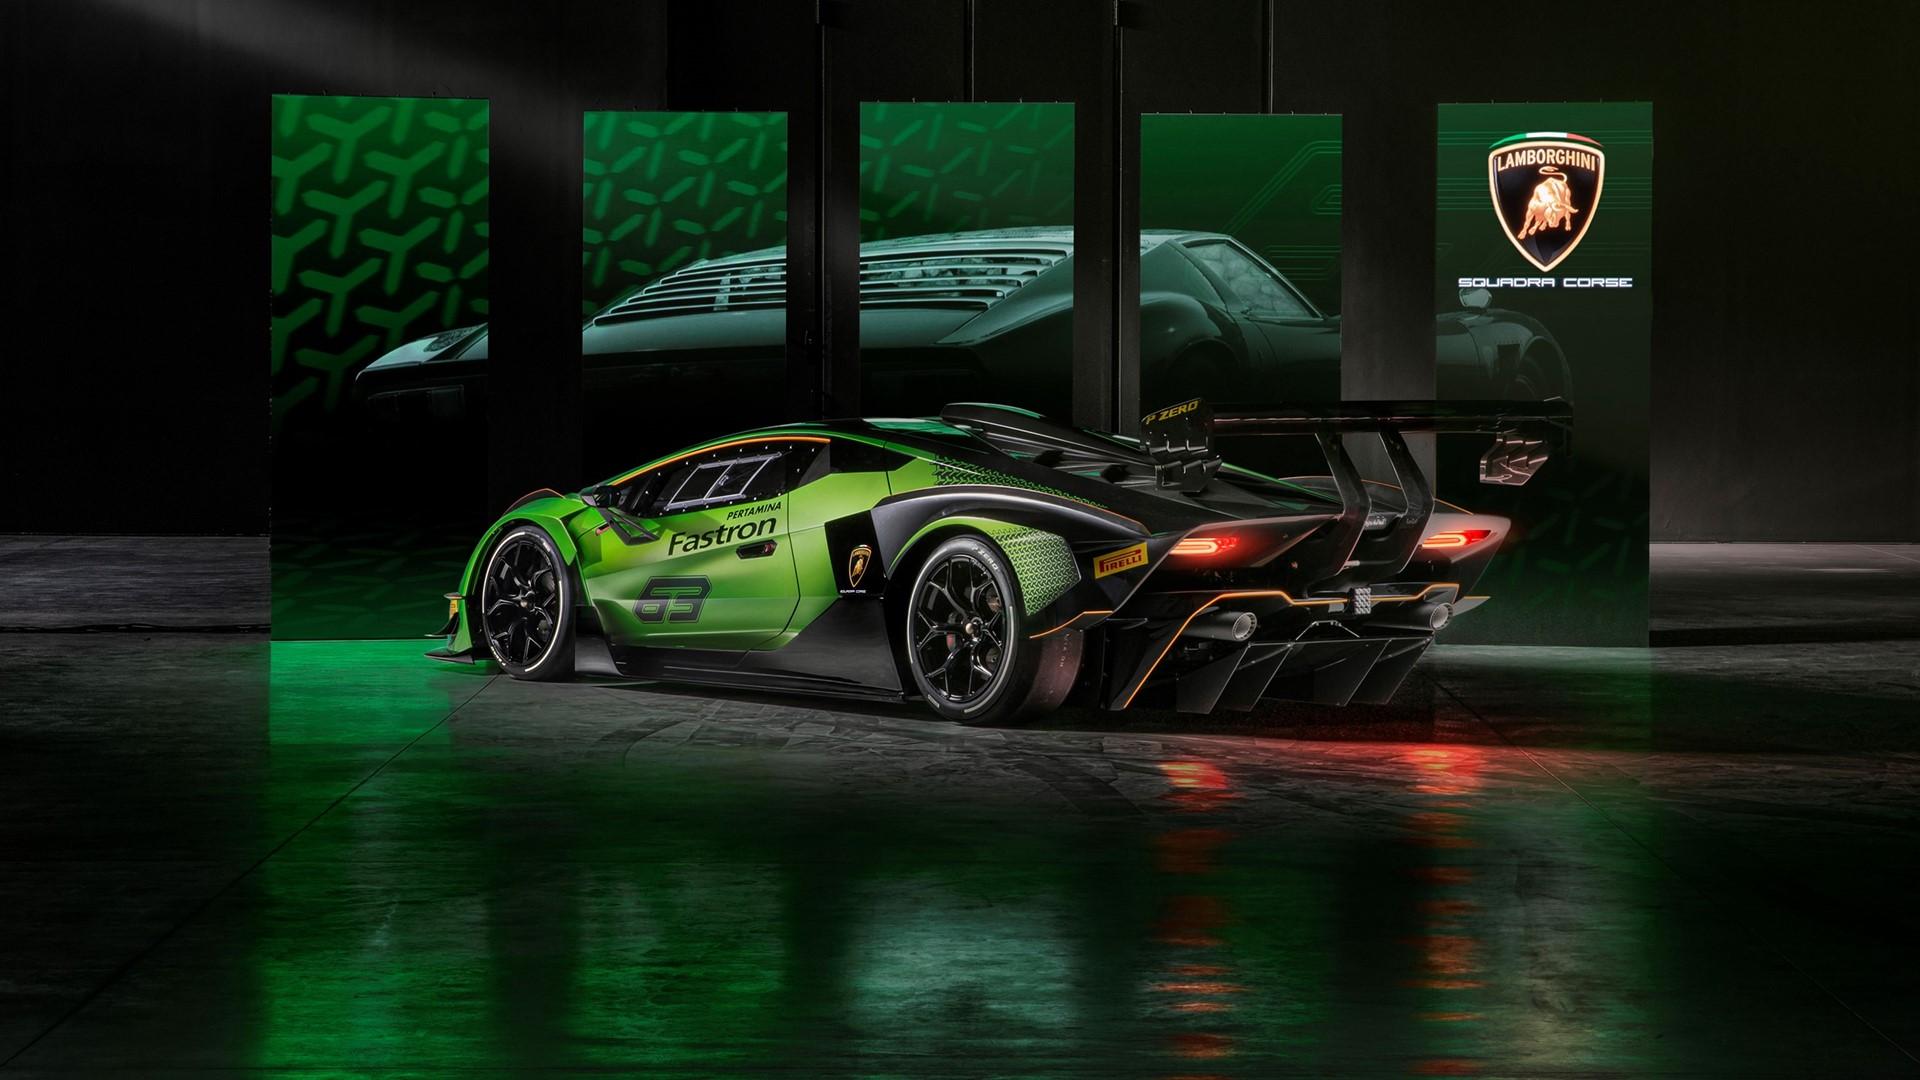 Lamborghini Essenza SCV12: the purest track experience - Image 5